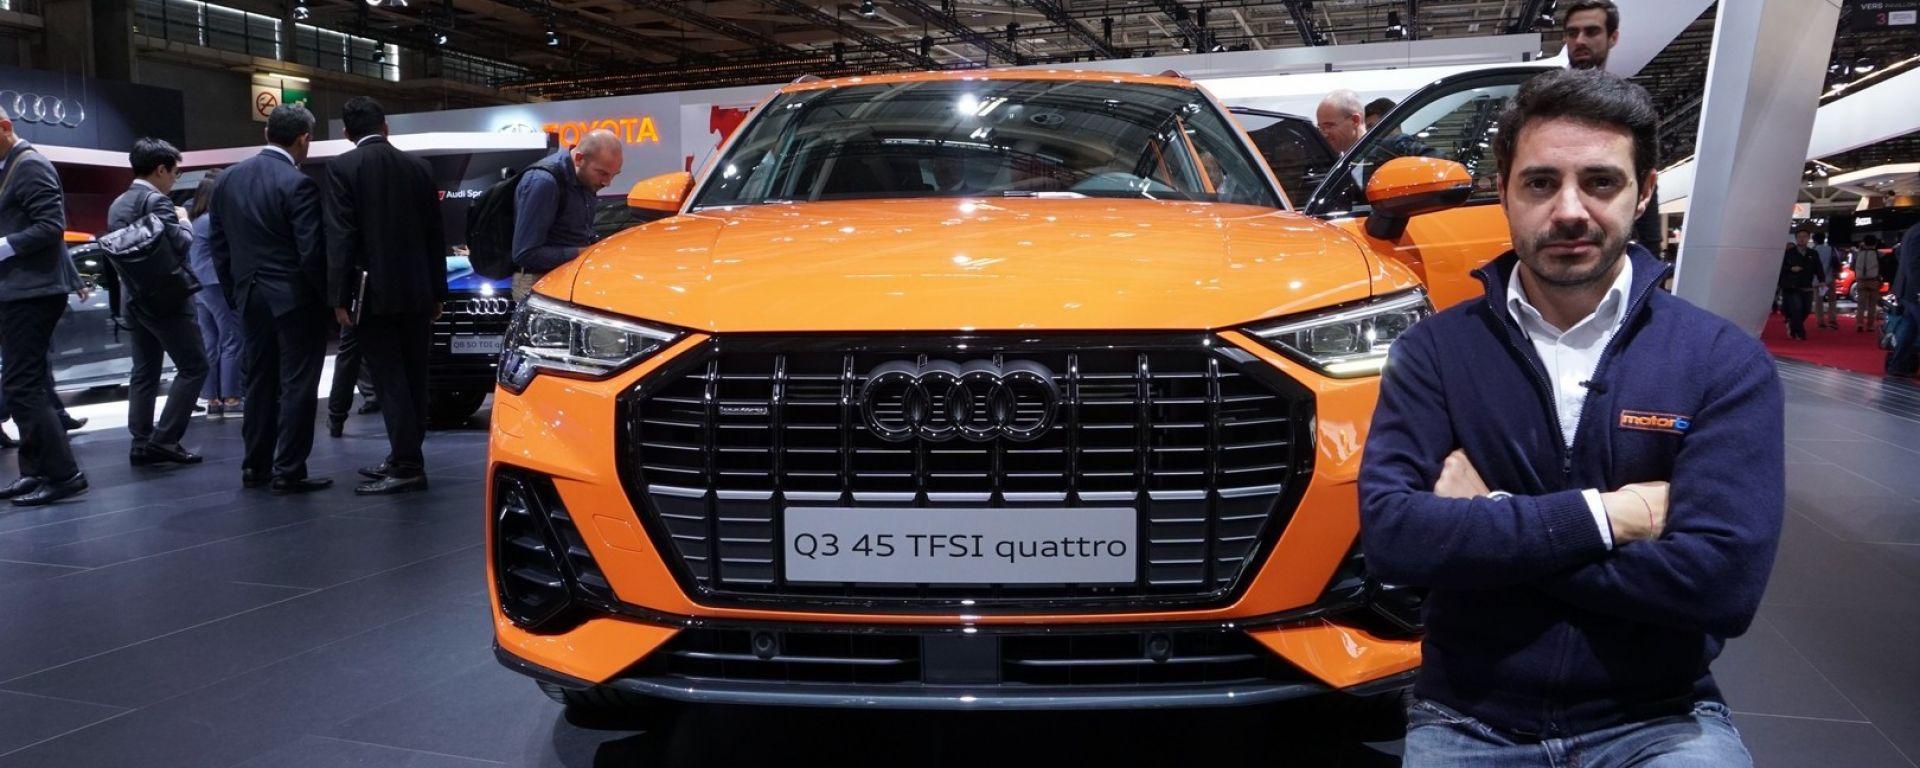 Nuova Audi Q3 2018 in video dal Salone di Parigi 2018